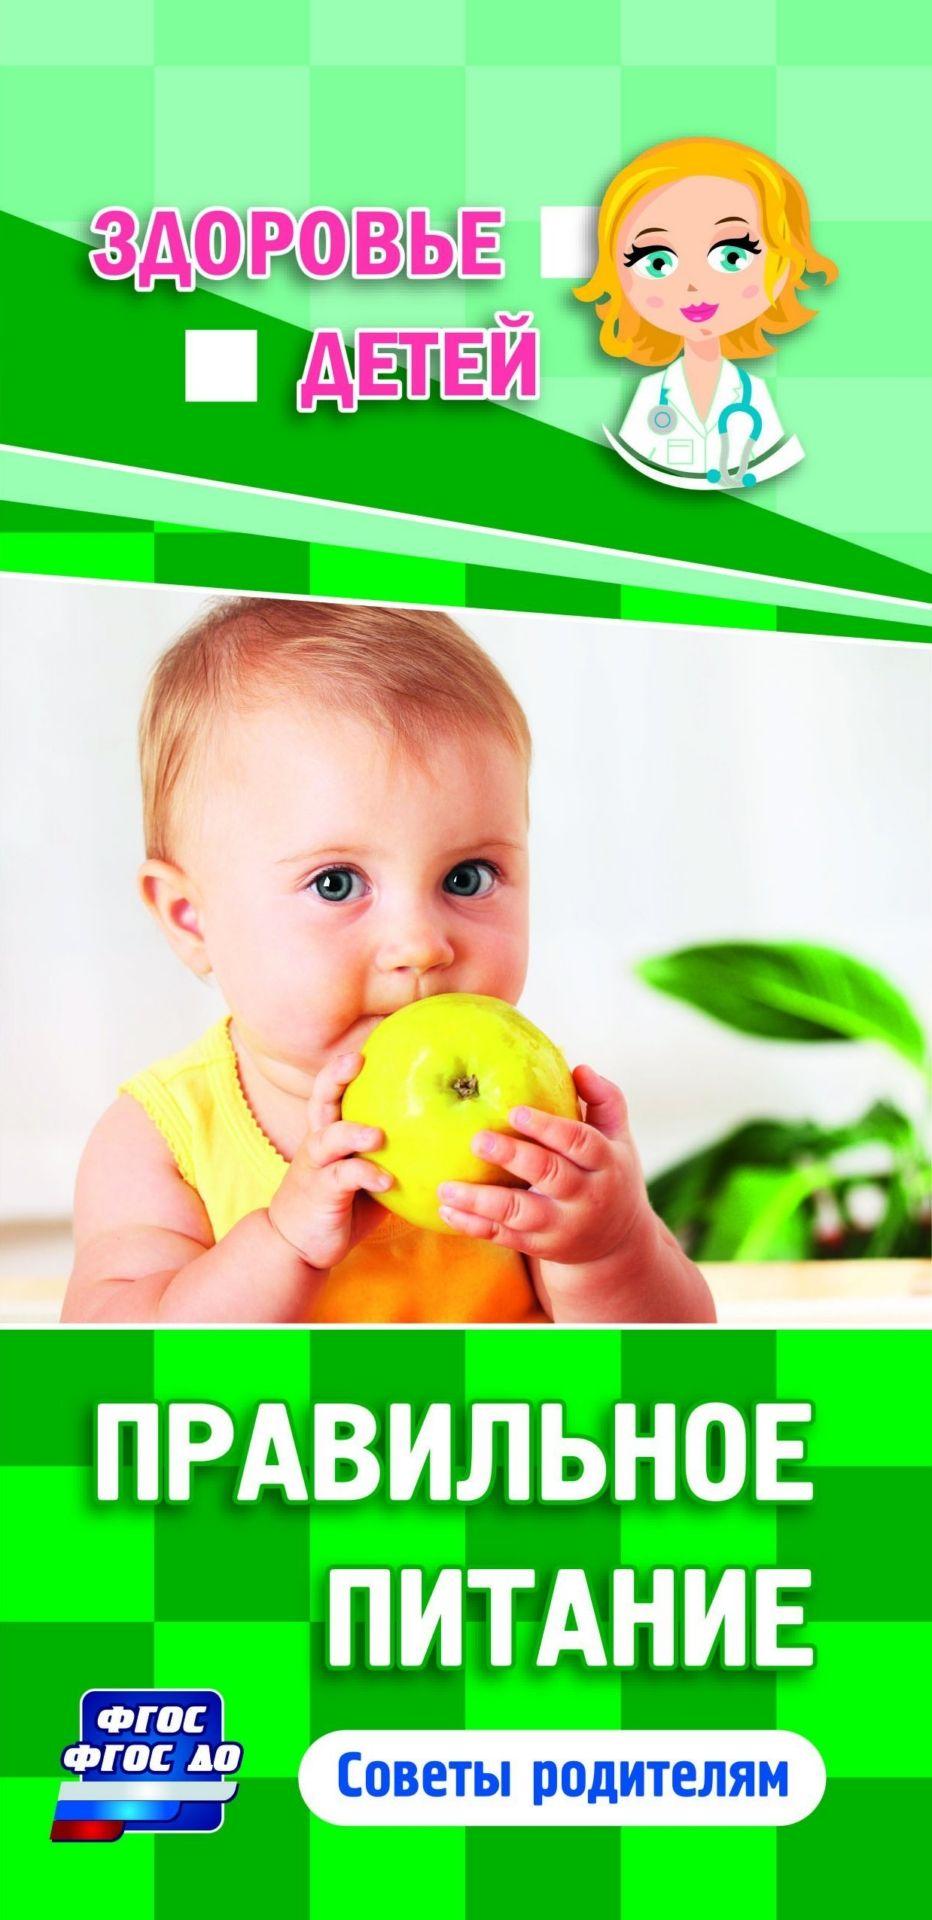 Памятка Здоровье детей. Правильное питание: советы родителямВоспитательная литература<br>Бумага офсетная.<br><br>Год: 2018